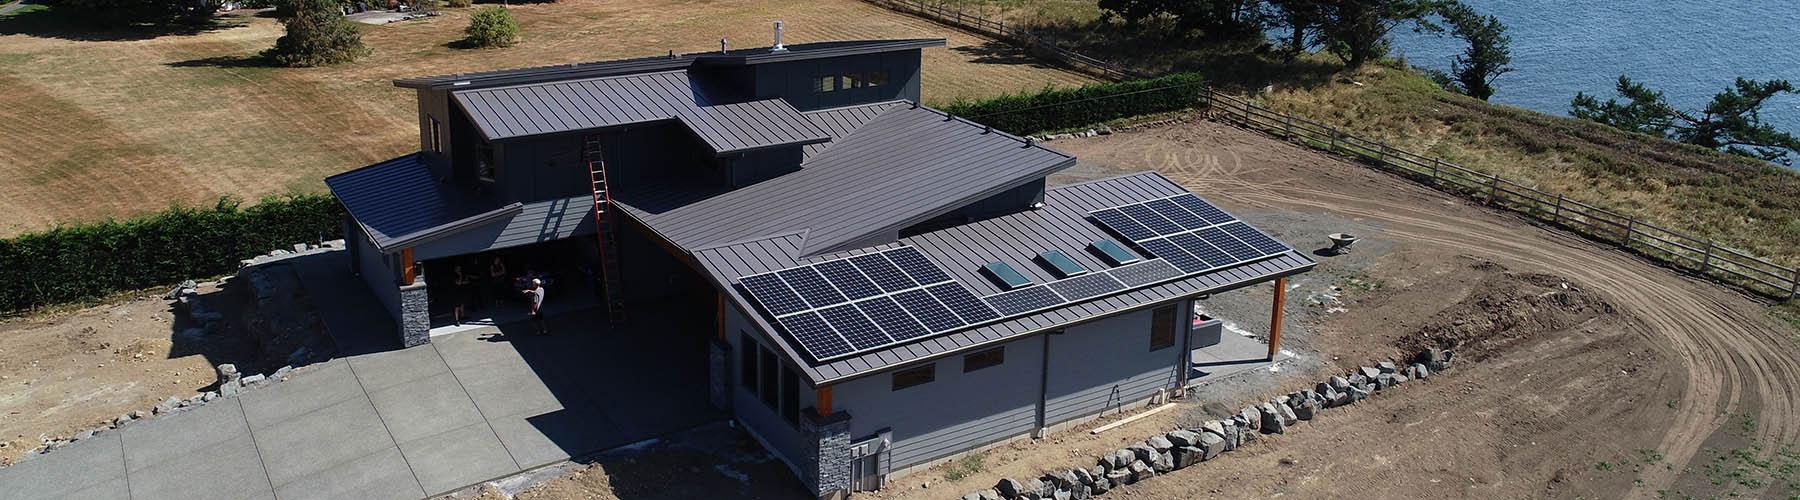 Solarpowerresidential3